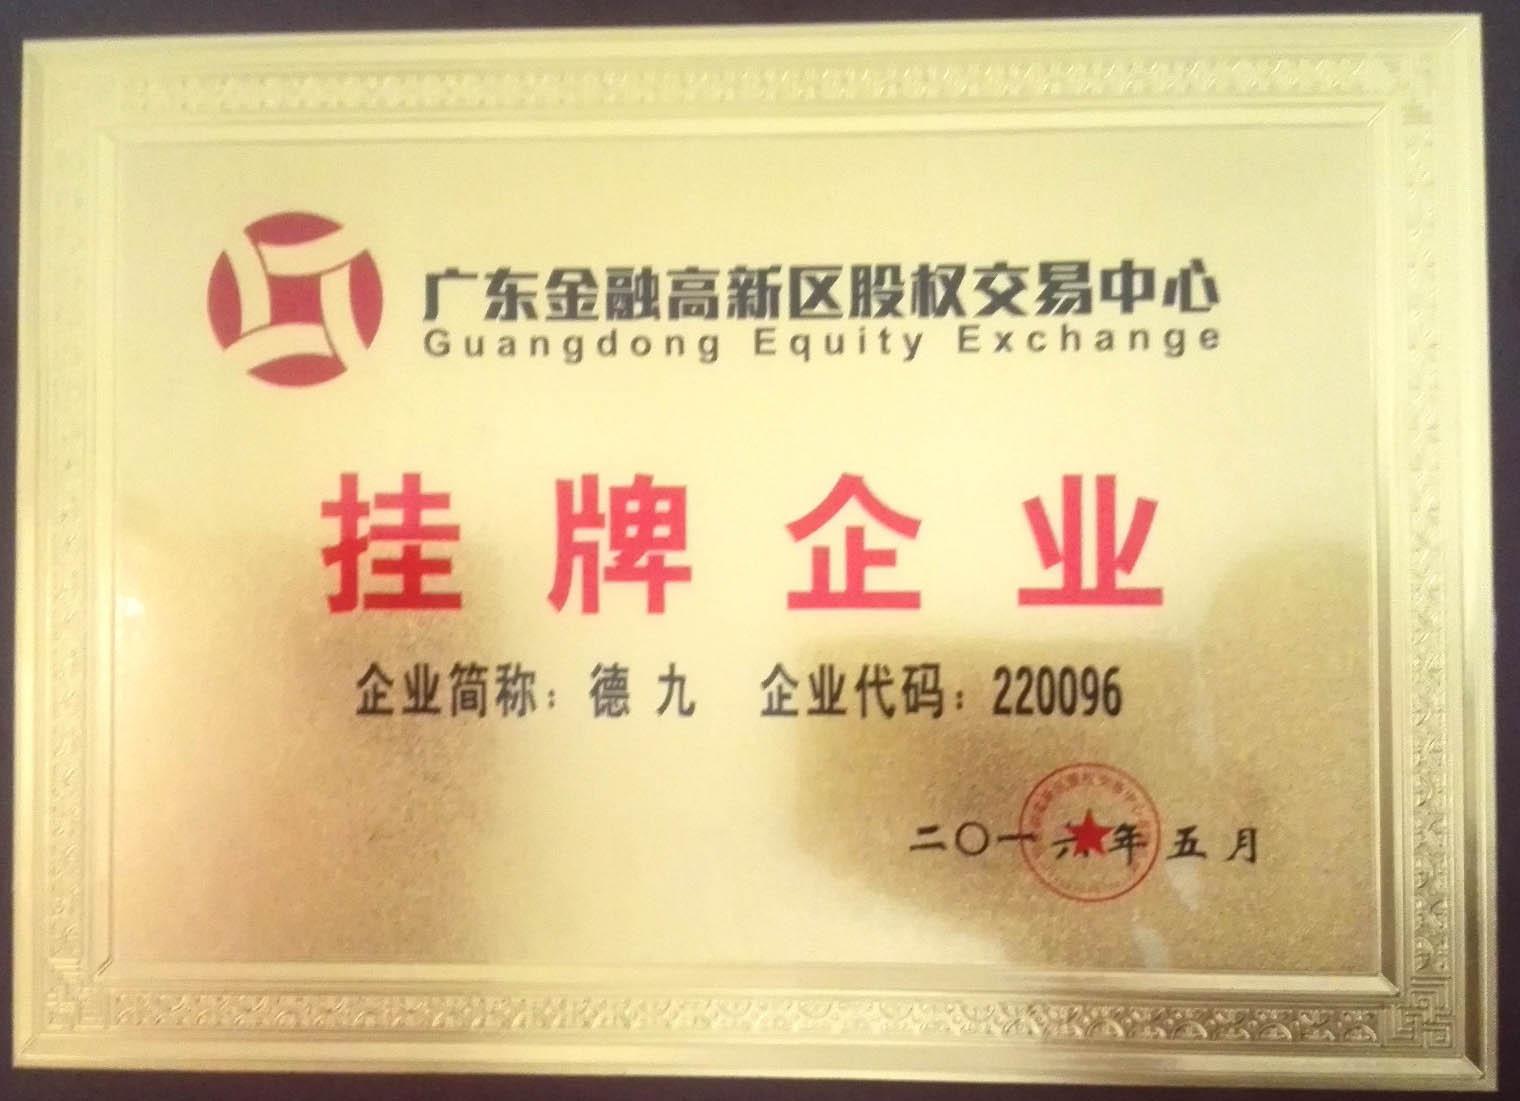 榮譽-OTC掛牌